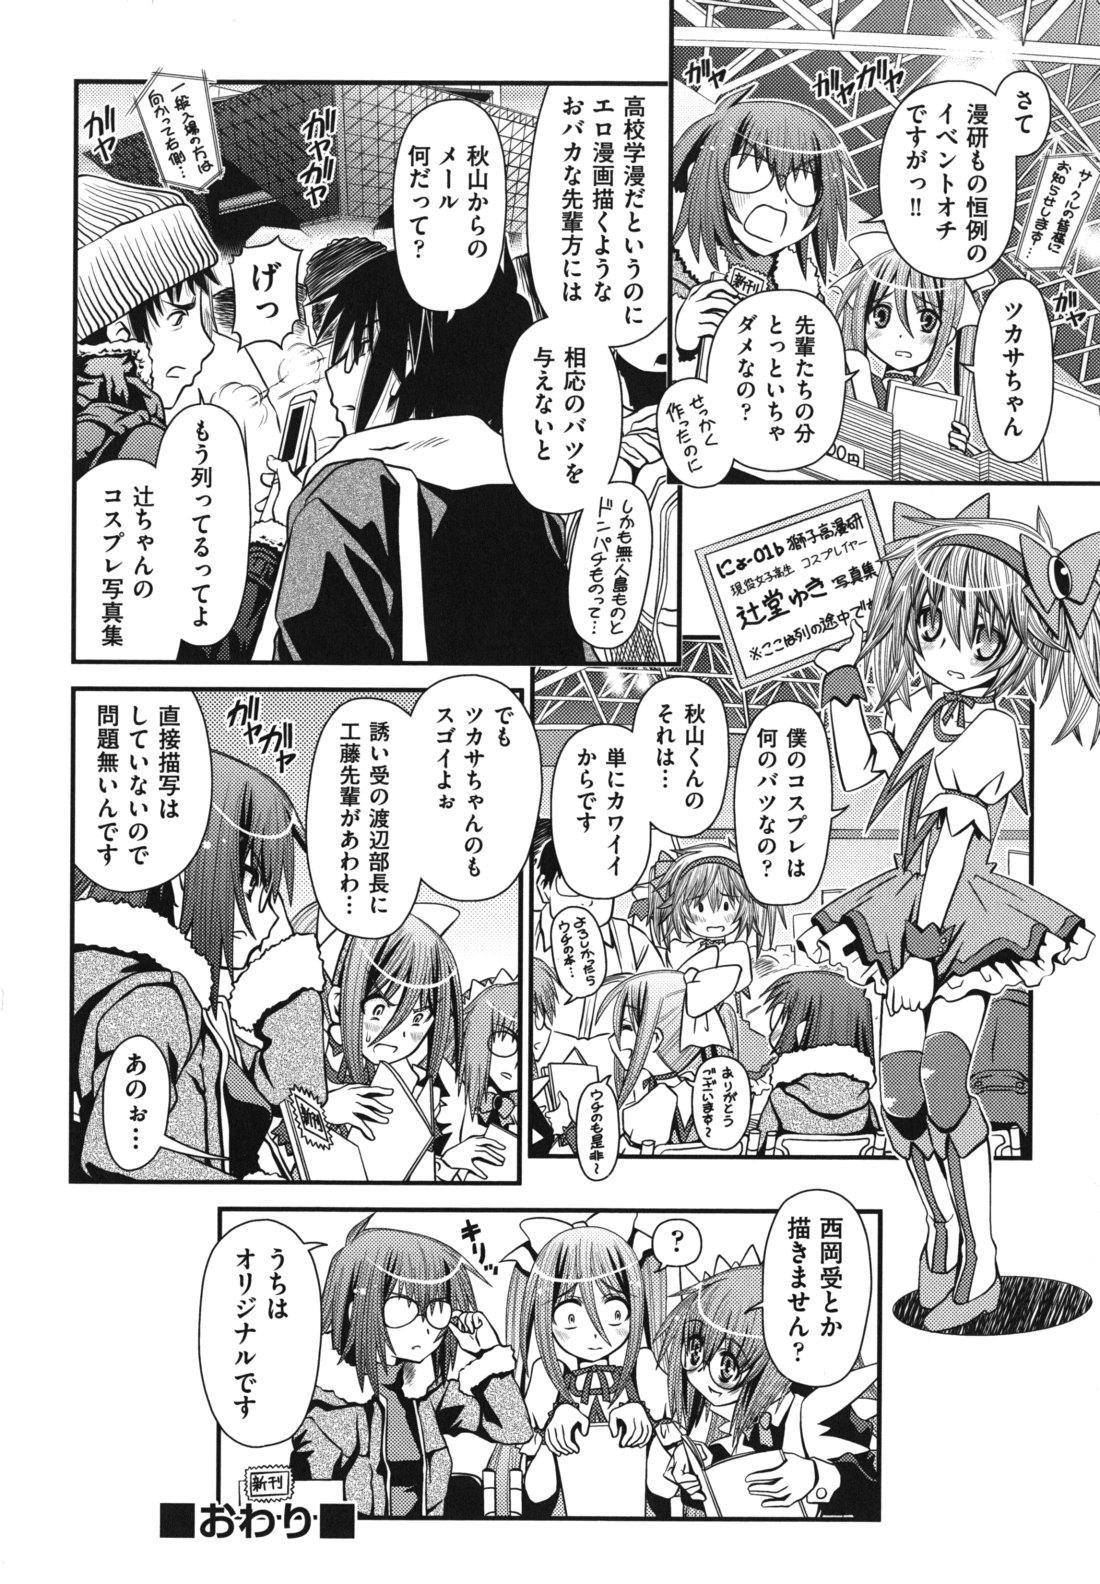 Twintail de Kneesocks no Onnanoko tachi ga Kyakkya de Ufufu♥ 28